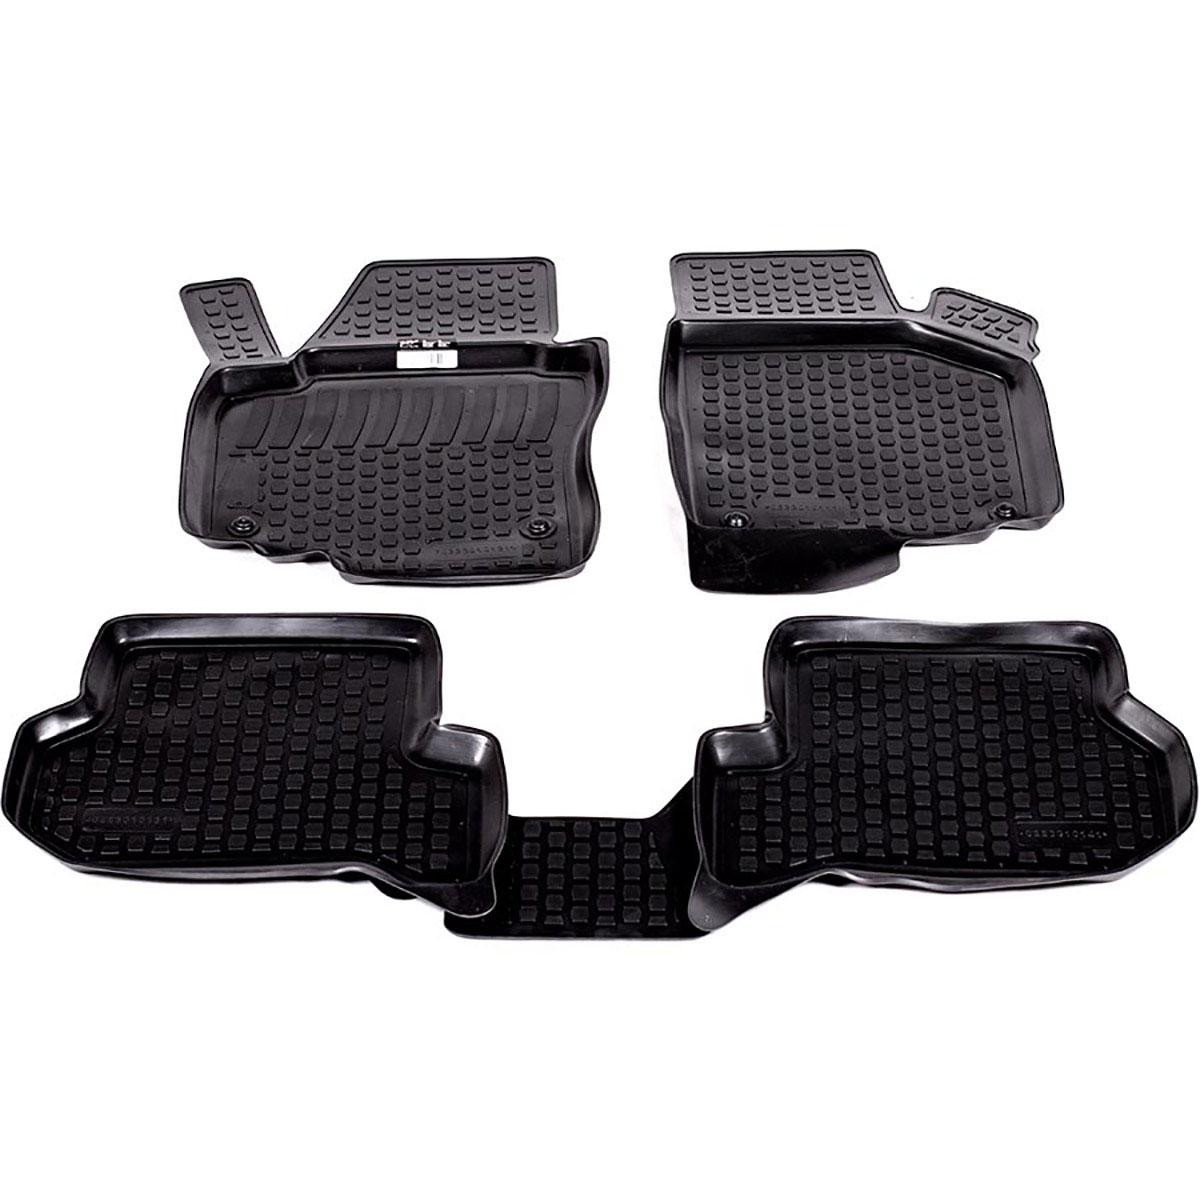 Коврики в салон автомобиля L.Locker, для Seat Altea Freetrack (07-), 4 шт0223010101Коврики L.Locker производятся индивидуально для каждой модели автомобиля из современного и экологически чистого материала. Изделия точно повторяют геометрию пола автомобиля, имеют высокий борт, обладают повышенной износоустойчивостью, антискользящими свойствами, лишены резкого запаха и сохраняют свои потребительские свойства в широком диапазоне температур (от -50°С до +80°С). Рисунок ковриков специально спроектирован для уменьшения скольжения ног водителя и имеет достаточную глубину, препятствующую свободному перемещению жидкости и грязи на поверхности. Одновременно с этим рисунок не создает дискомфорта при вождении автомобиля. Водительский ковер с предустановленными креплениями фиксируется на штатные места в полу салона автомобиля. Новая технология системы креплений герметична, не дает влаге и грязи проникать внутрь через крепеж на обшивку пола.